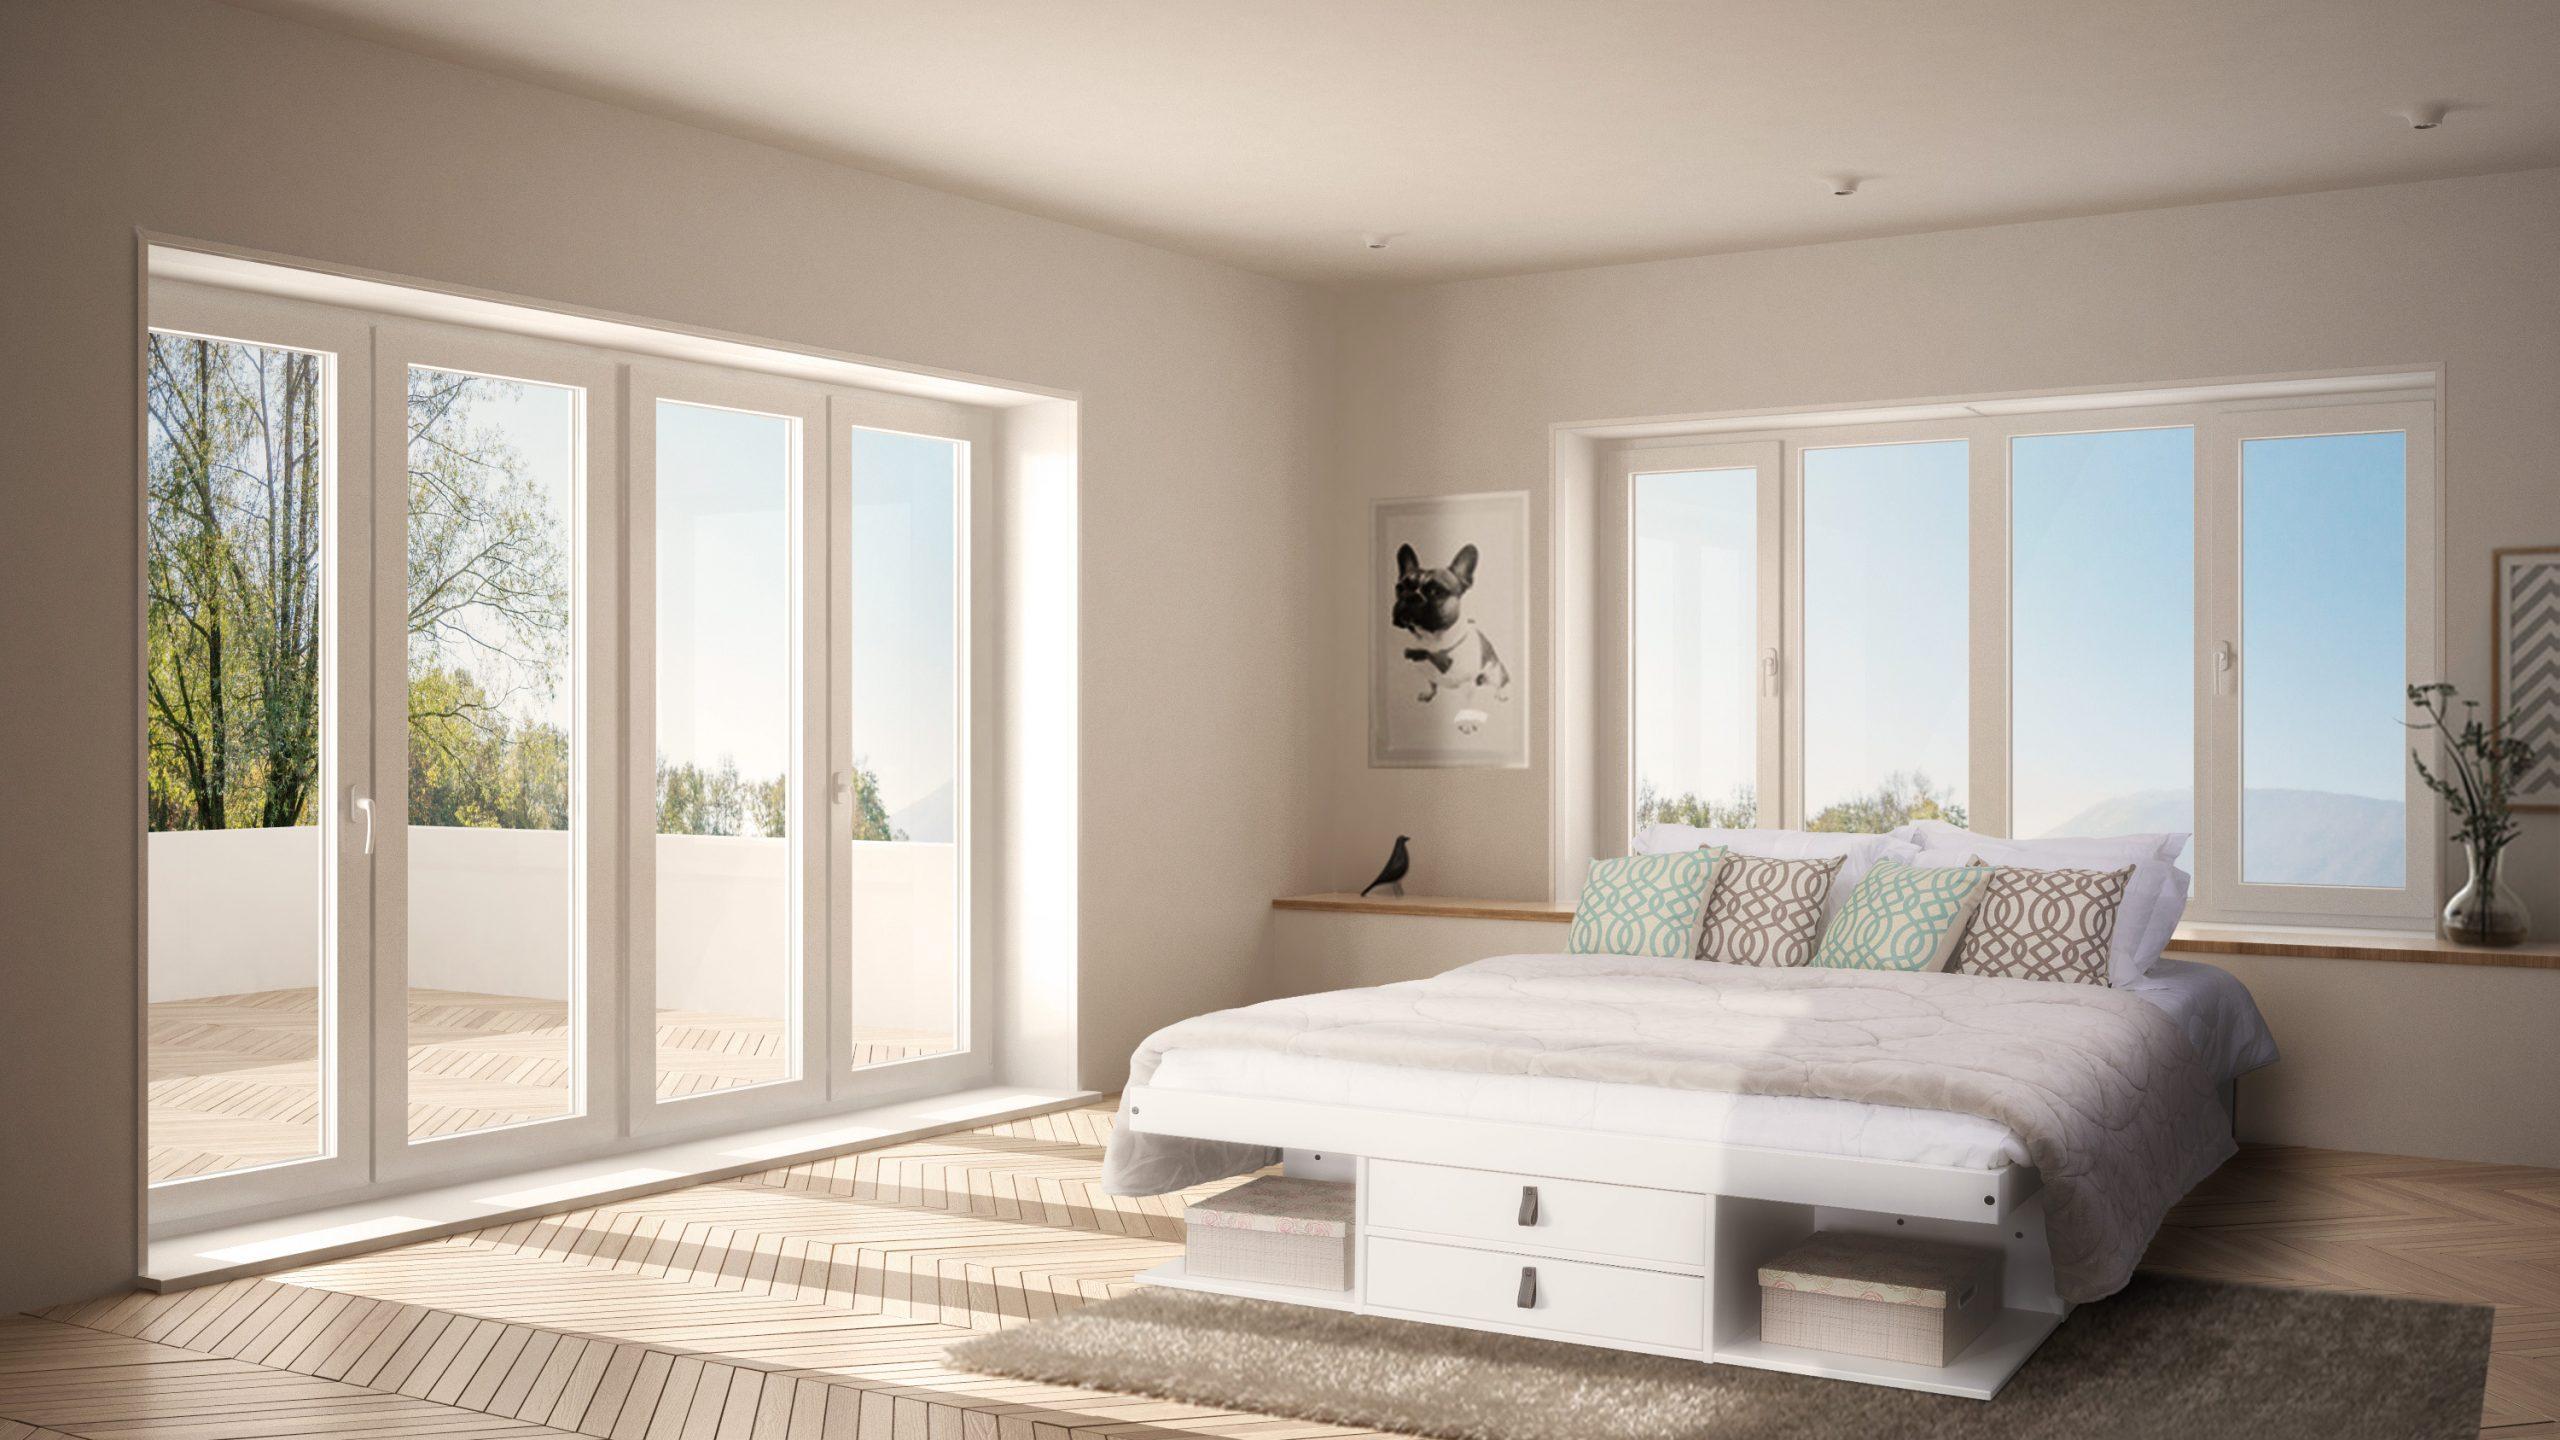 Cor clara na parede do quarto